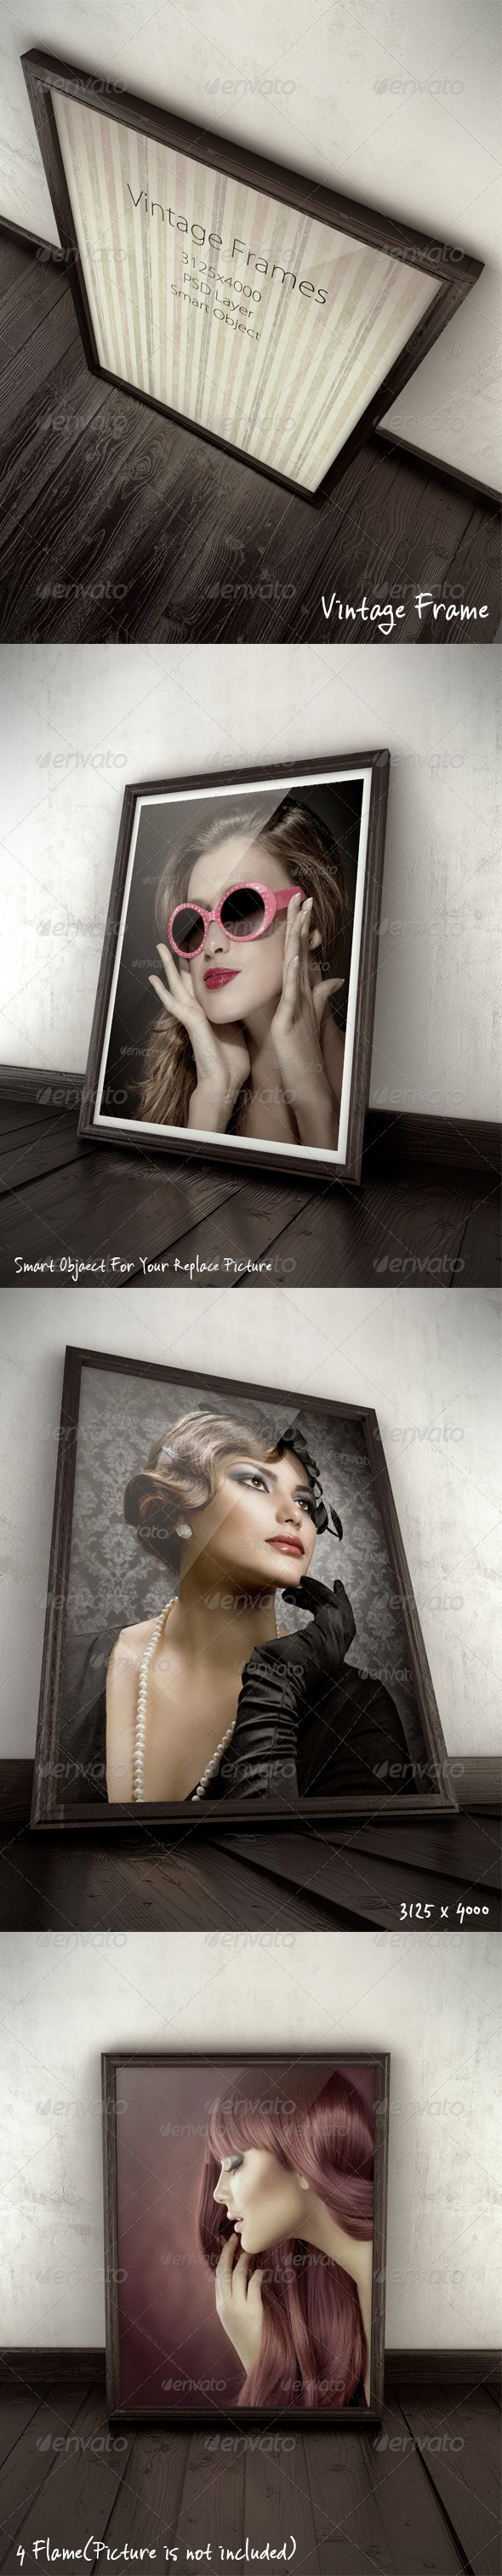 GraphicRiver Vintage Frames Mock-Ups 3550897